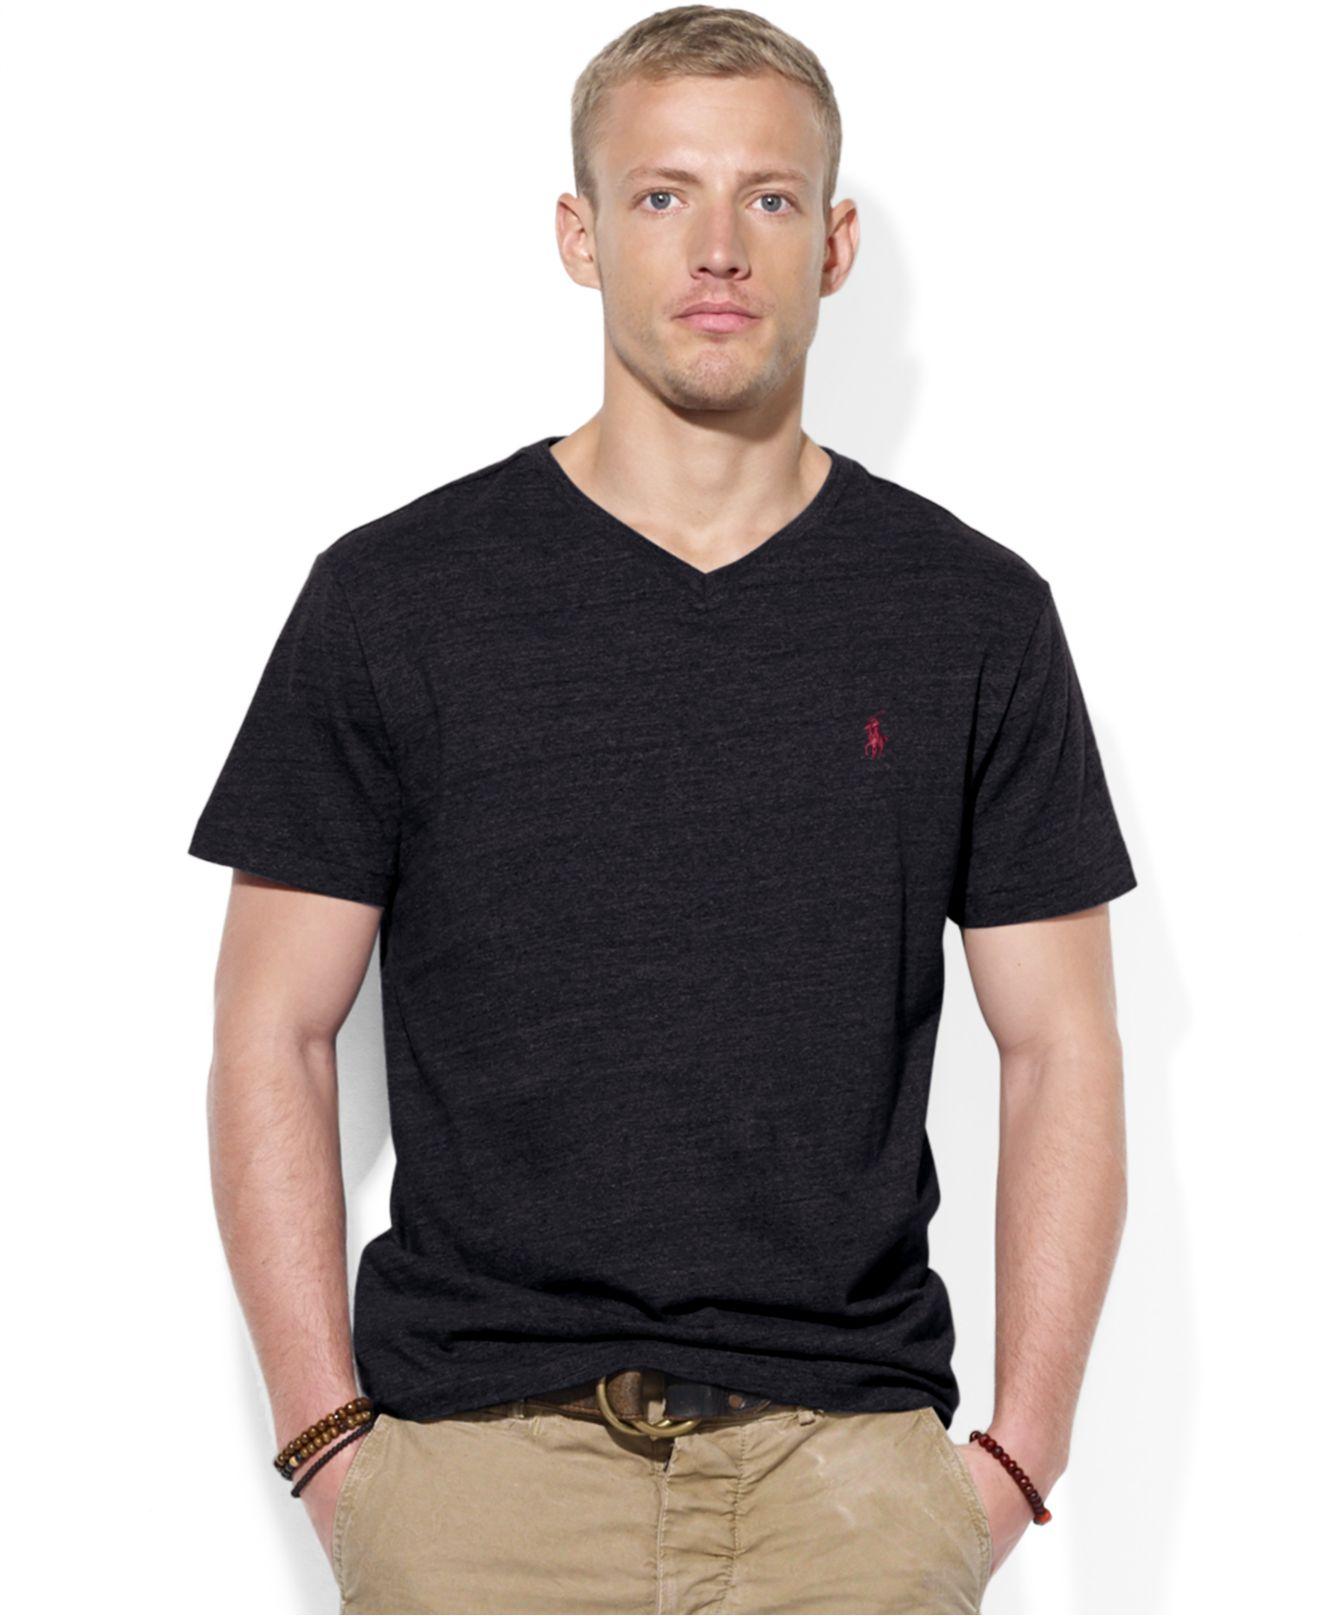 2f6ecb7df48c Lyst - Polo Ralph Lauren Jersey V-Neck T-Shirt in Black for Men